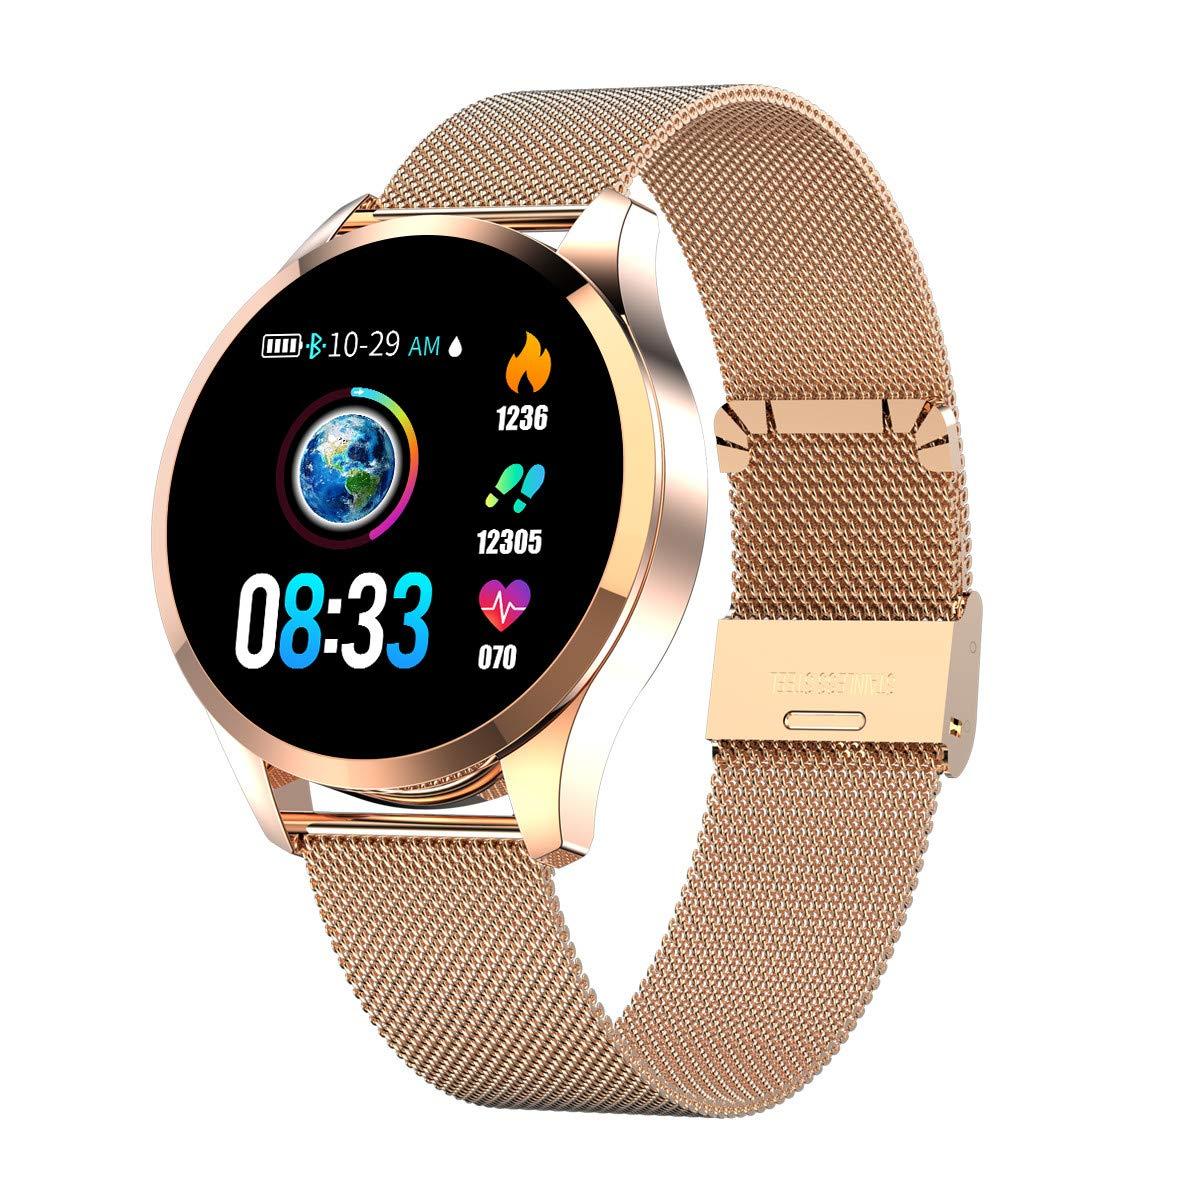 Smartwatch Mujer Hombre, Impermeable Reloj Inteligente Elegante Monitores de Actividad Impermeable IP67 con Monitor de Sueño Pulsómetros Podómetro ...